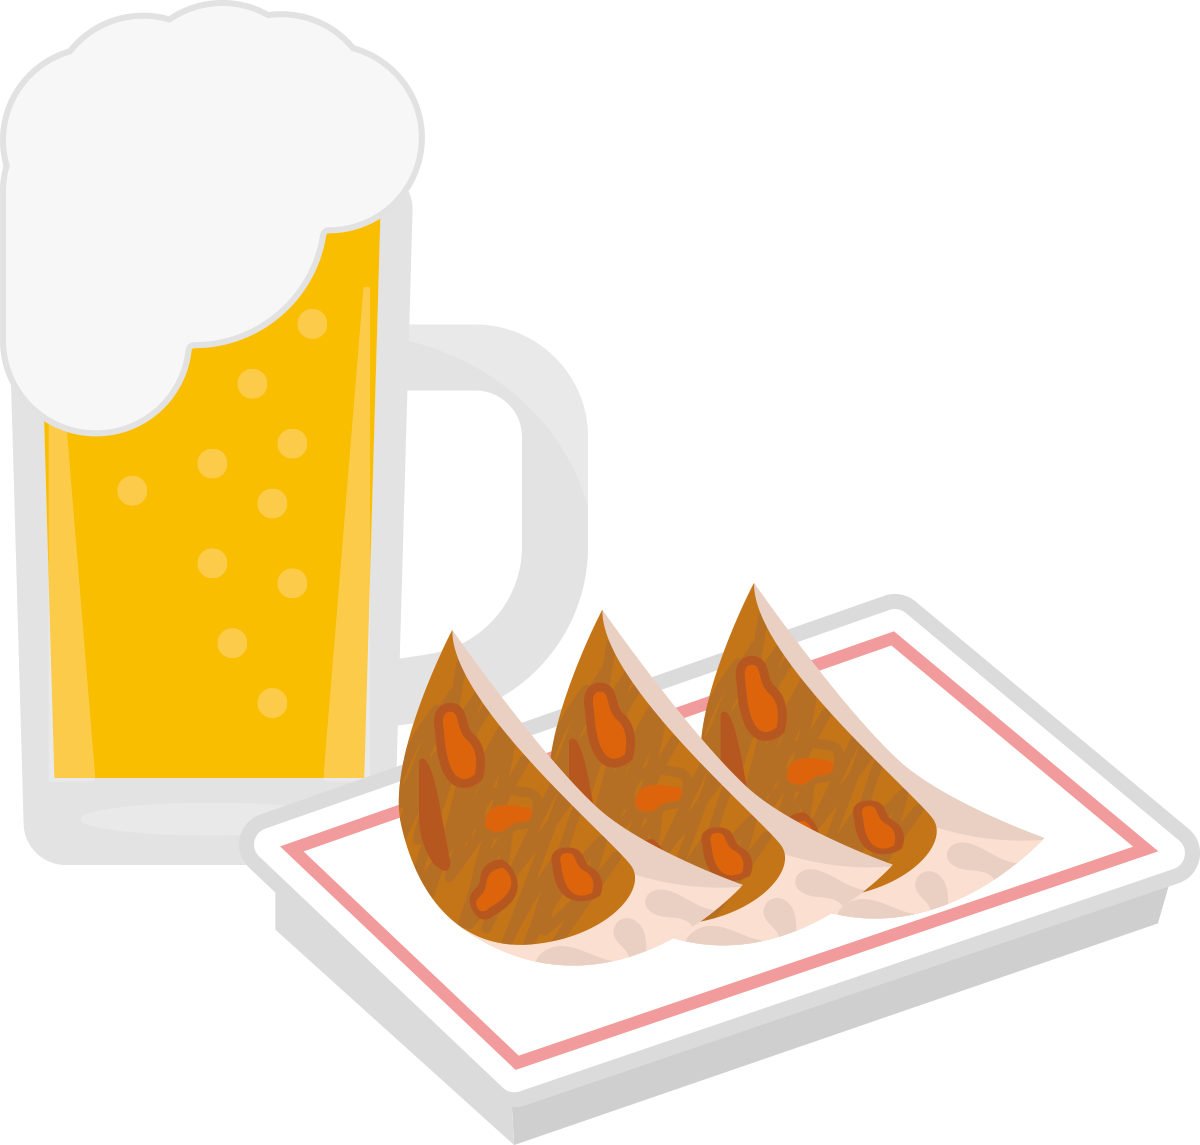 ビールと餃子のイラスト